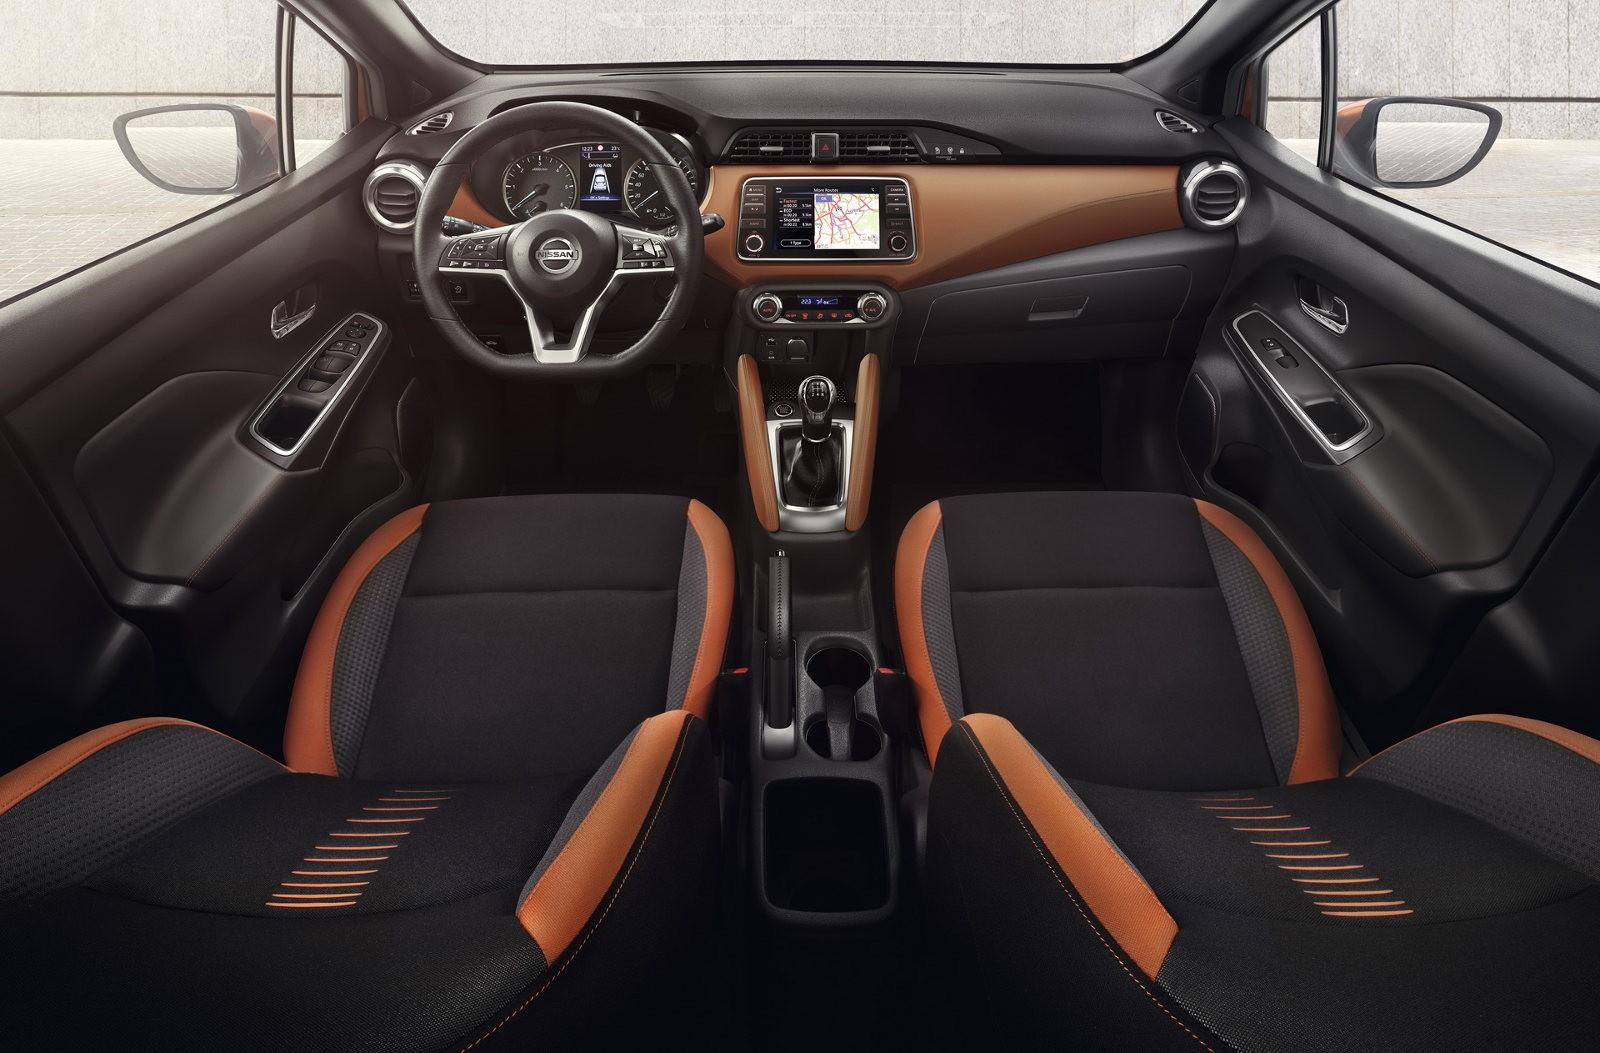 Nissan Micra получила больше технологий в стандартной комплектации 2